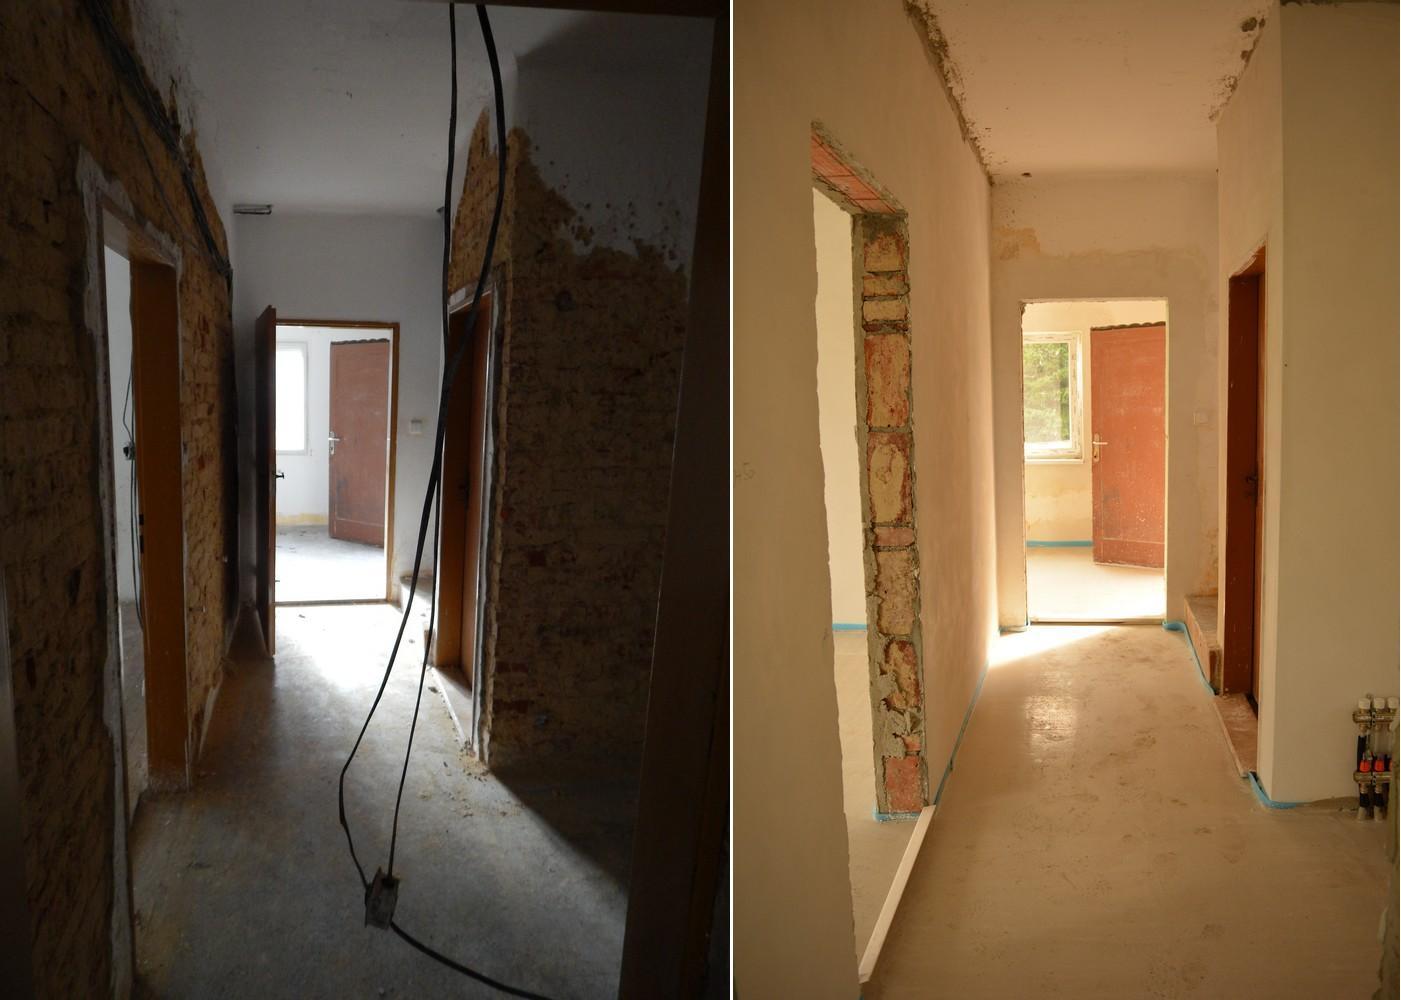 Náš nový domov ... - chodbička ... podlaha je skoro stejná, ale chvíli tam nebyla :D ..